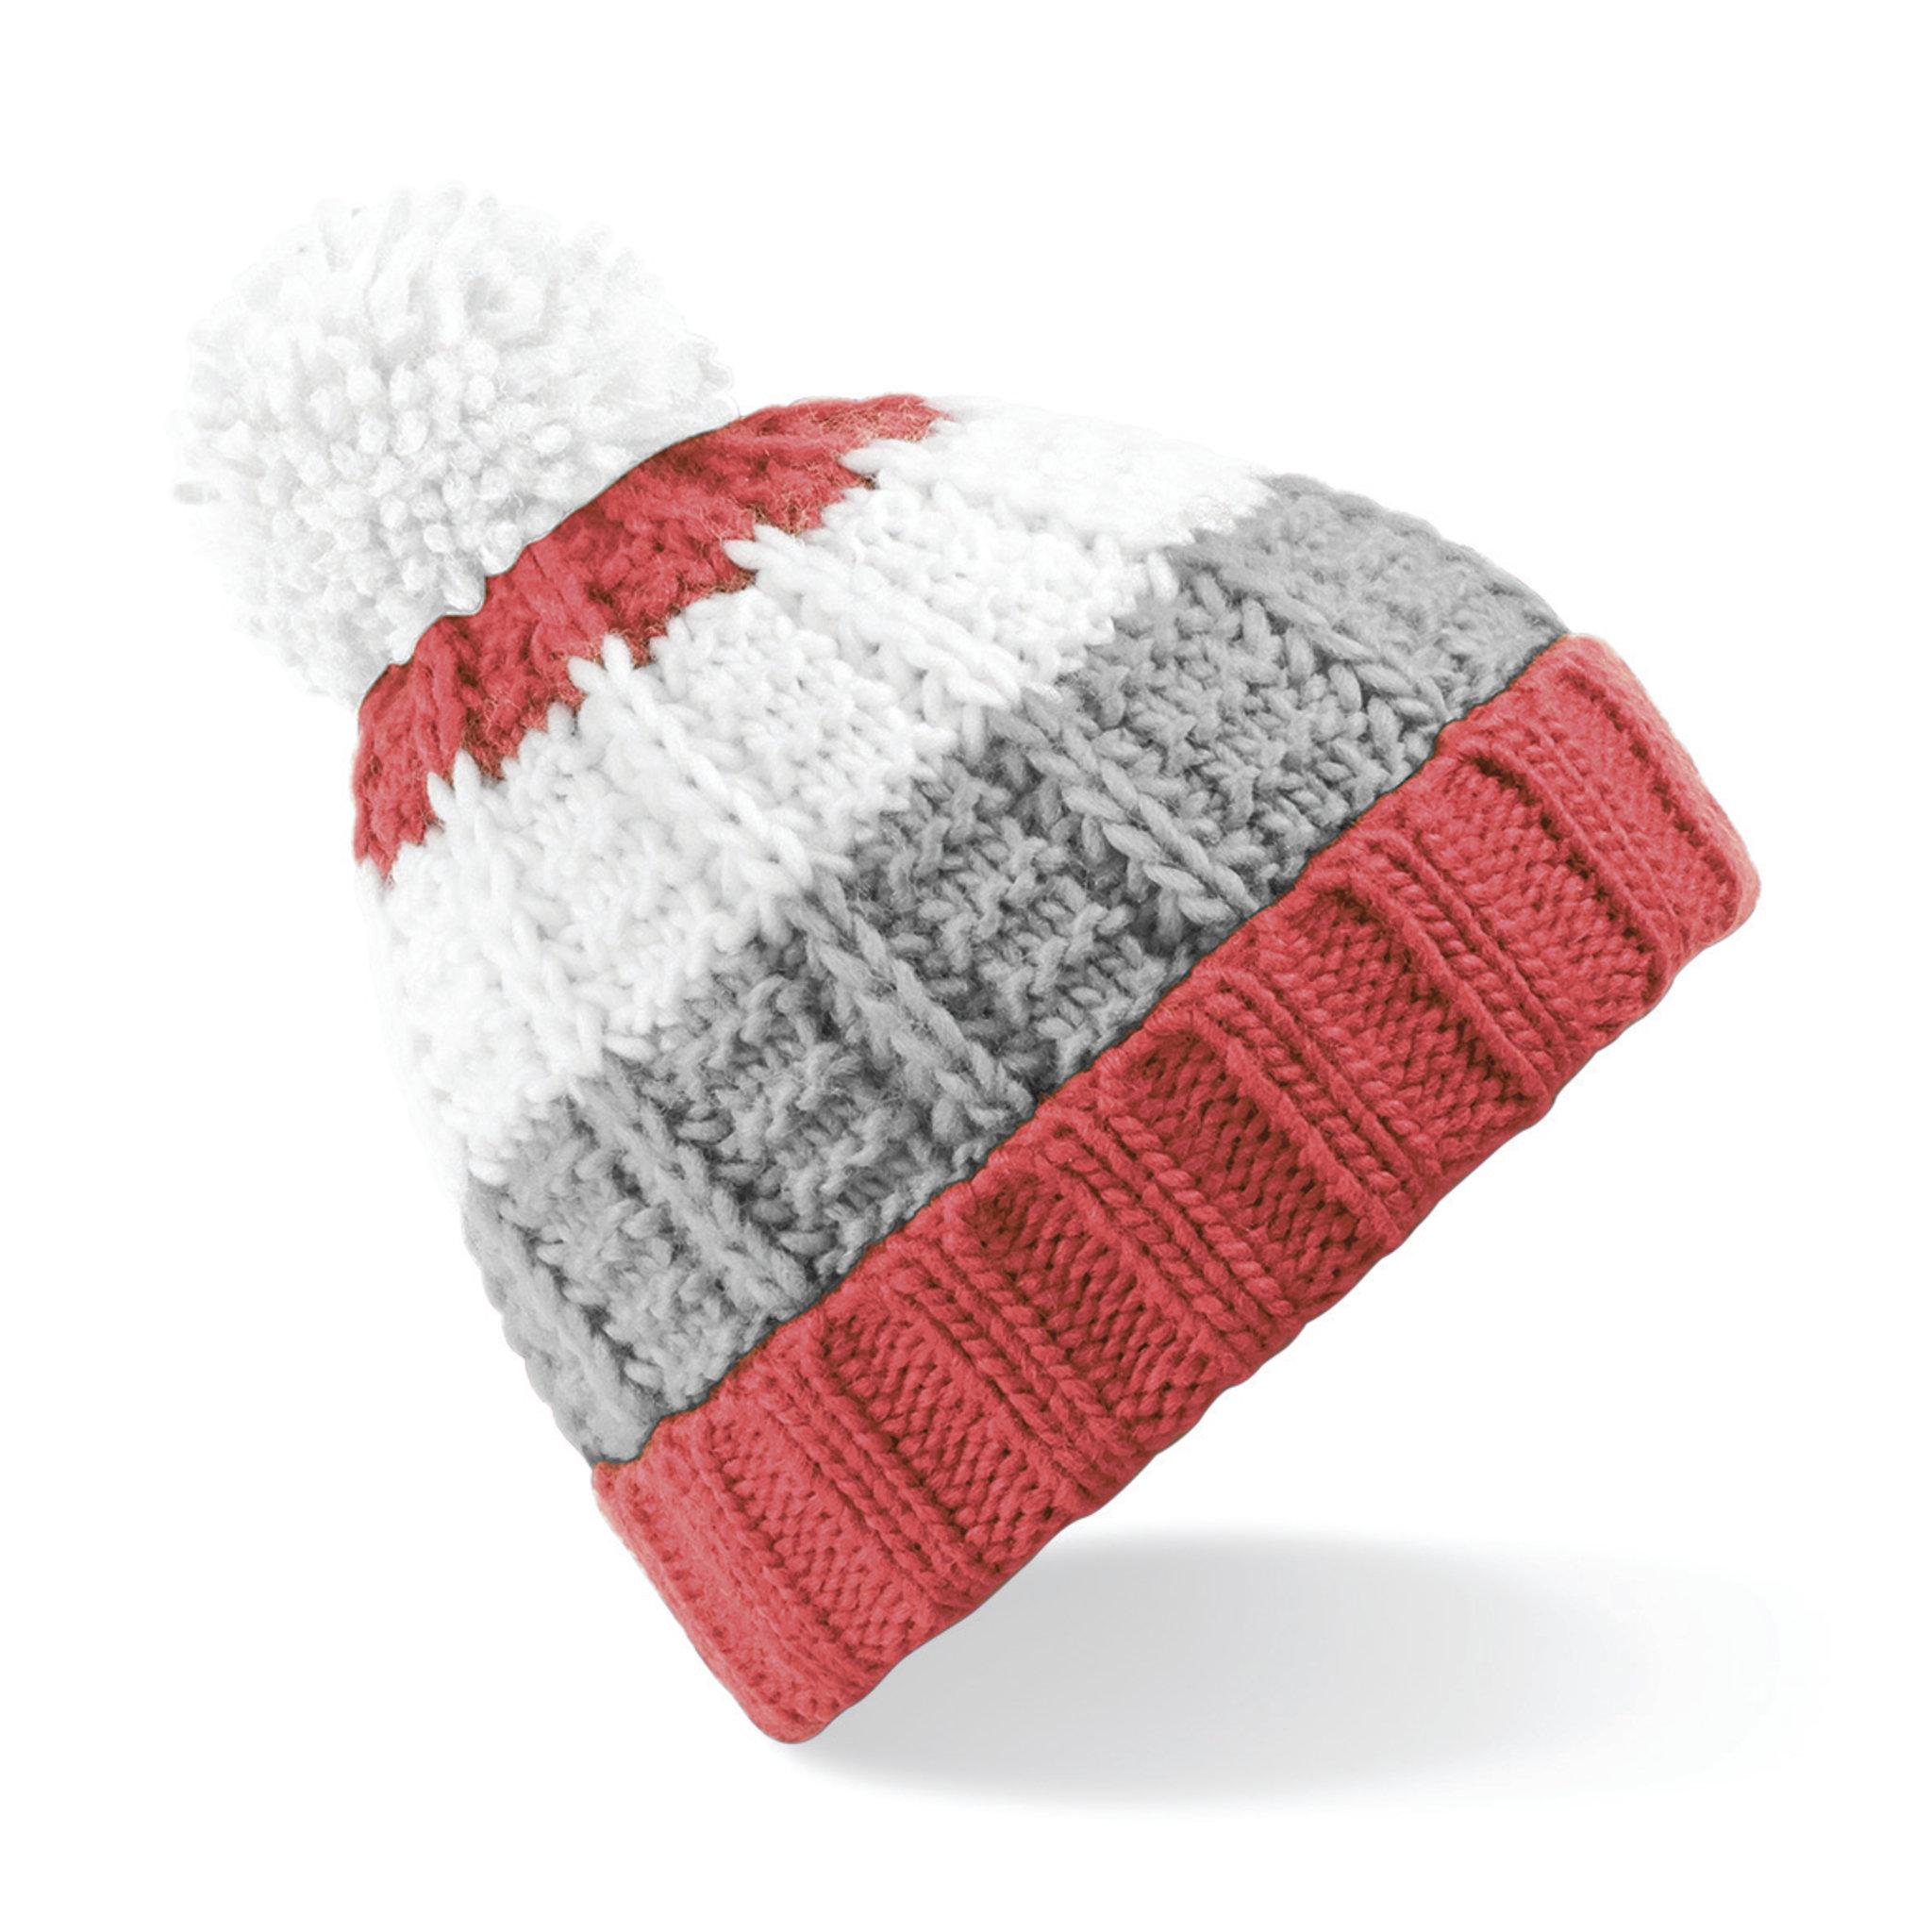 Bonnet publicitaire Chamonic noir/gris/blanc - bonnet personnalisable